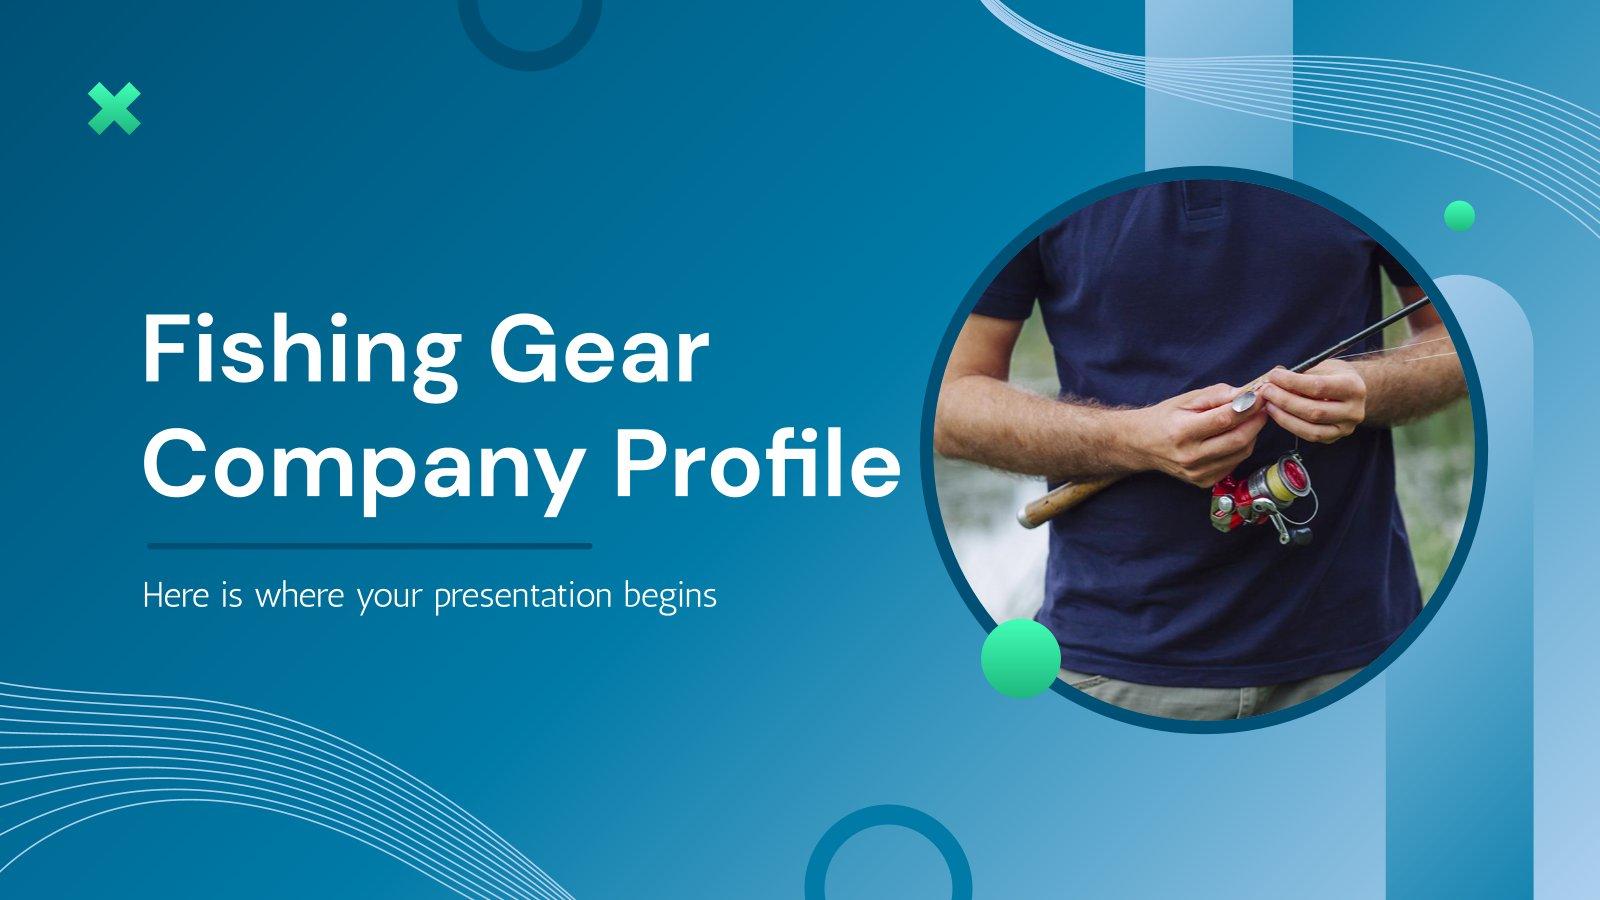 Profil de l'entreprise d'équipement de pêche : Modèles de présentation